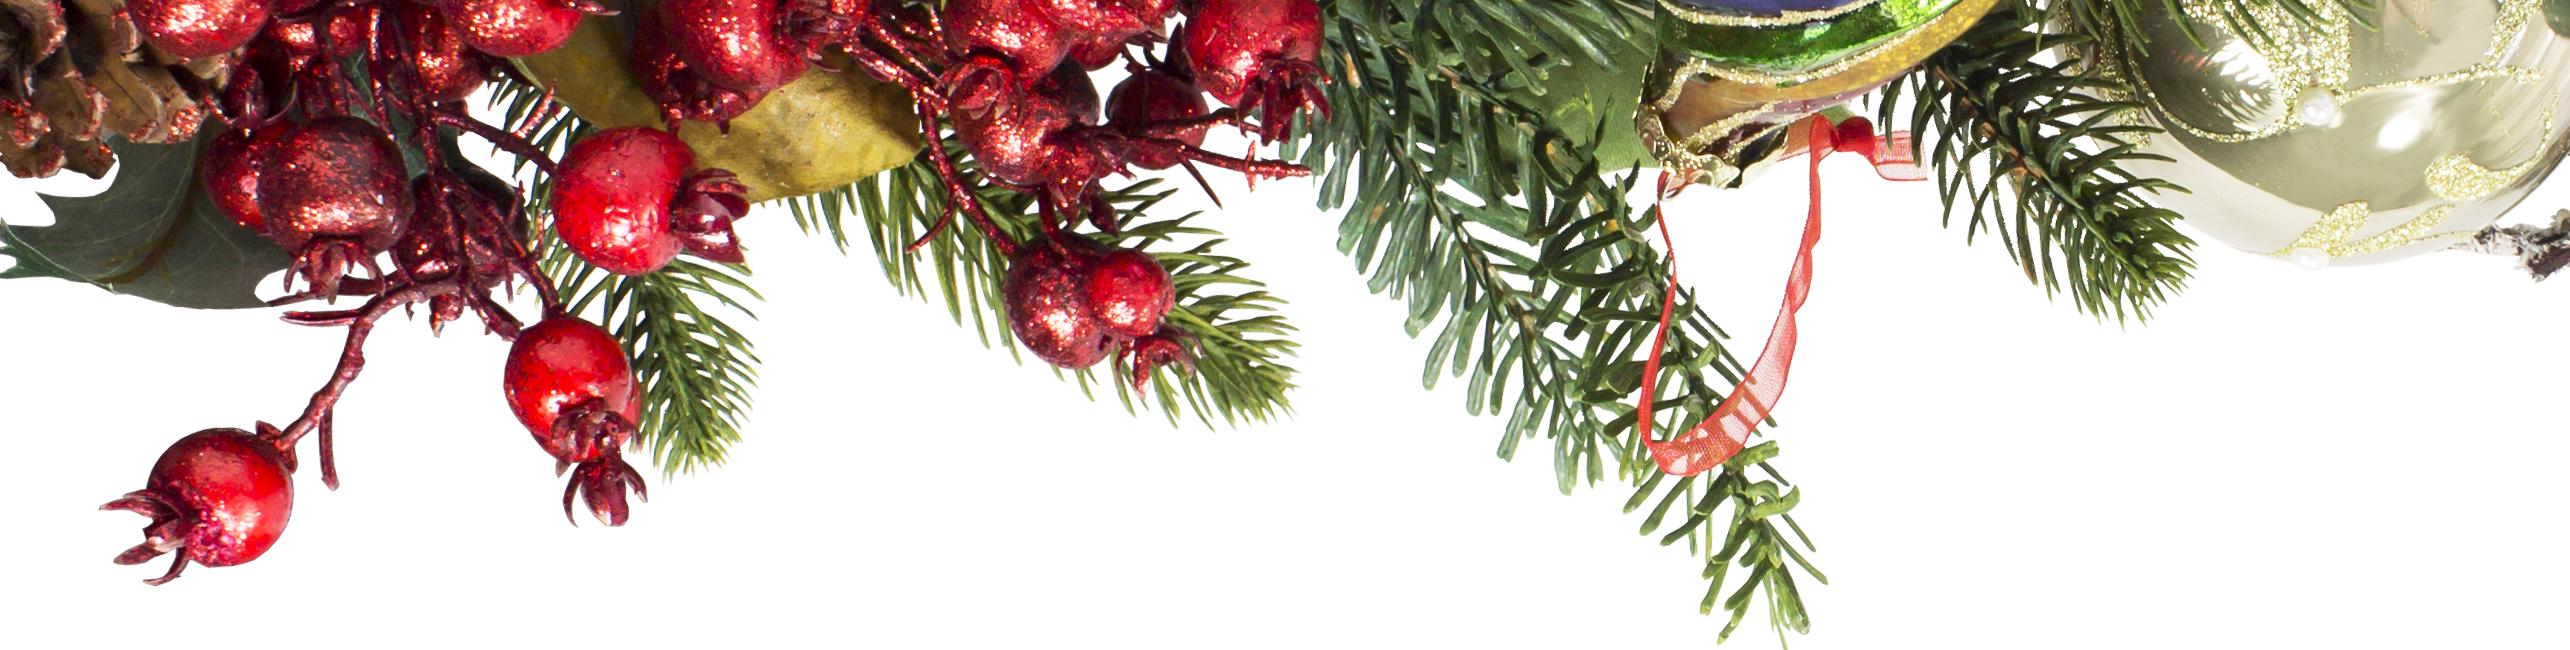 christmas-banner-snippet.jpg